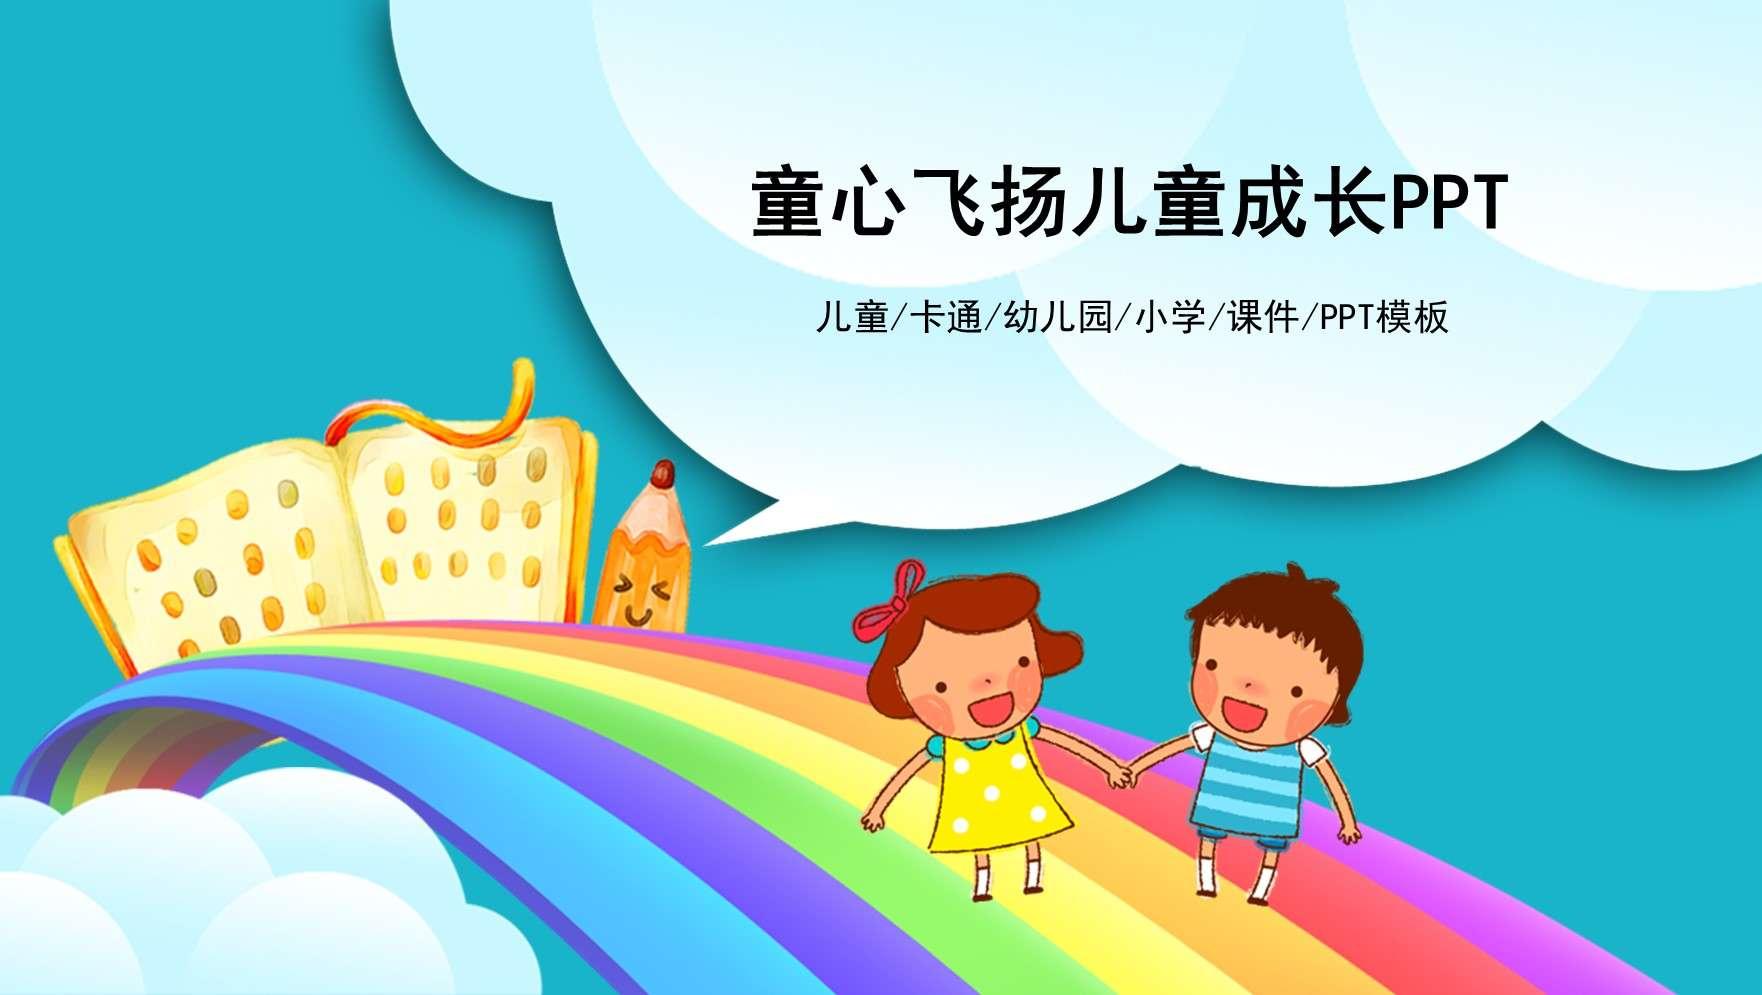 童心飞扬儿童成长PPT模板